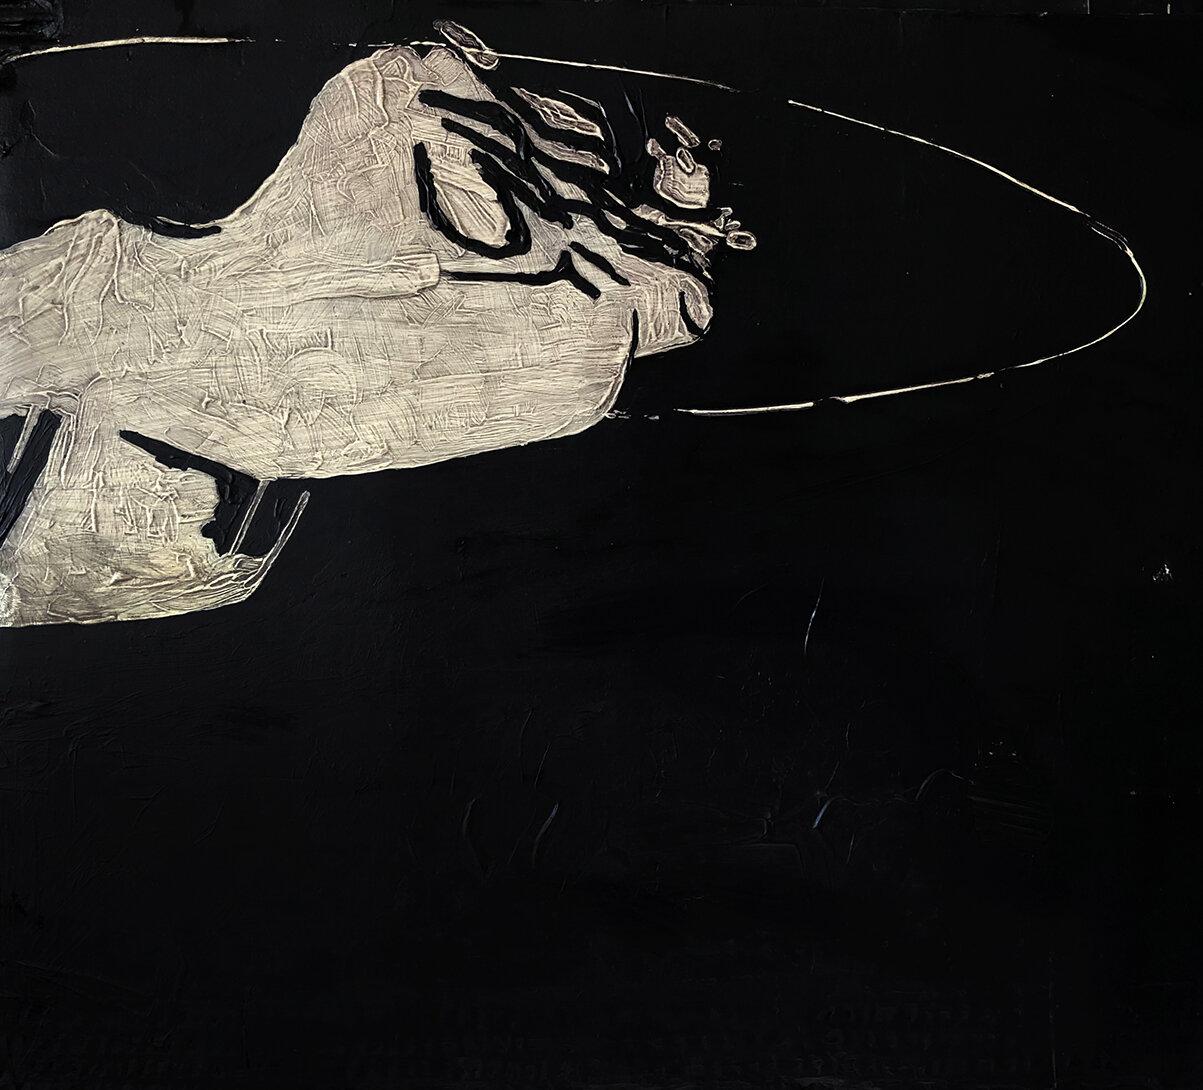 Virgilio Rospigliosi. Metallo che gira intorno (Archetipi Psichici Visivi). 1997©. Cm 40x40, acrilico su cartone.jpg